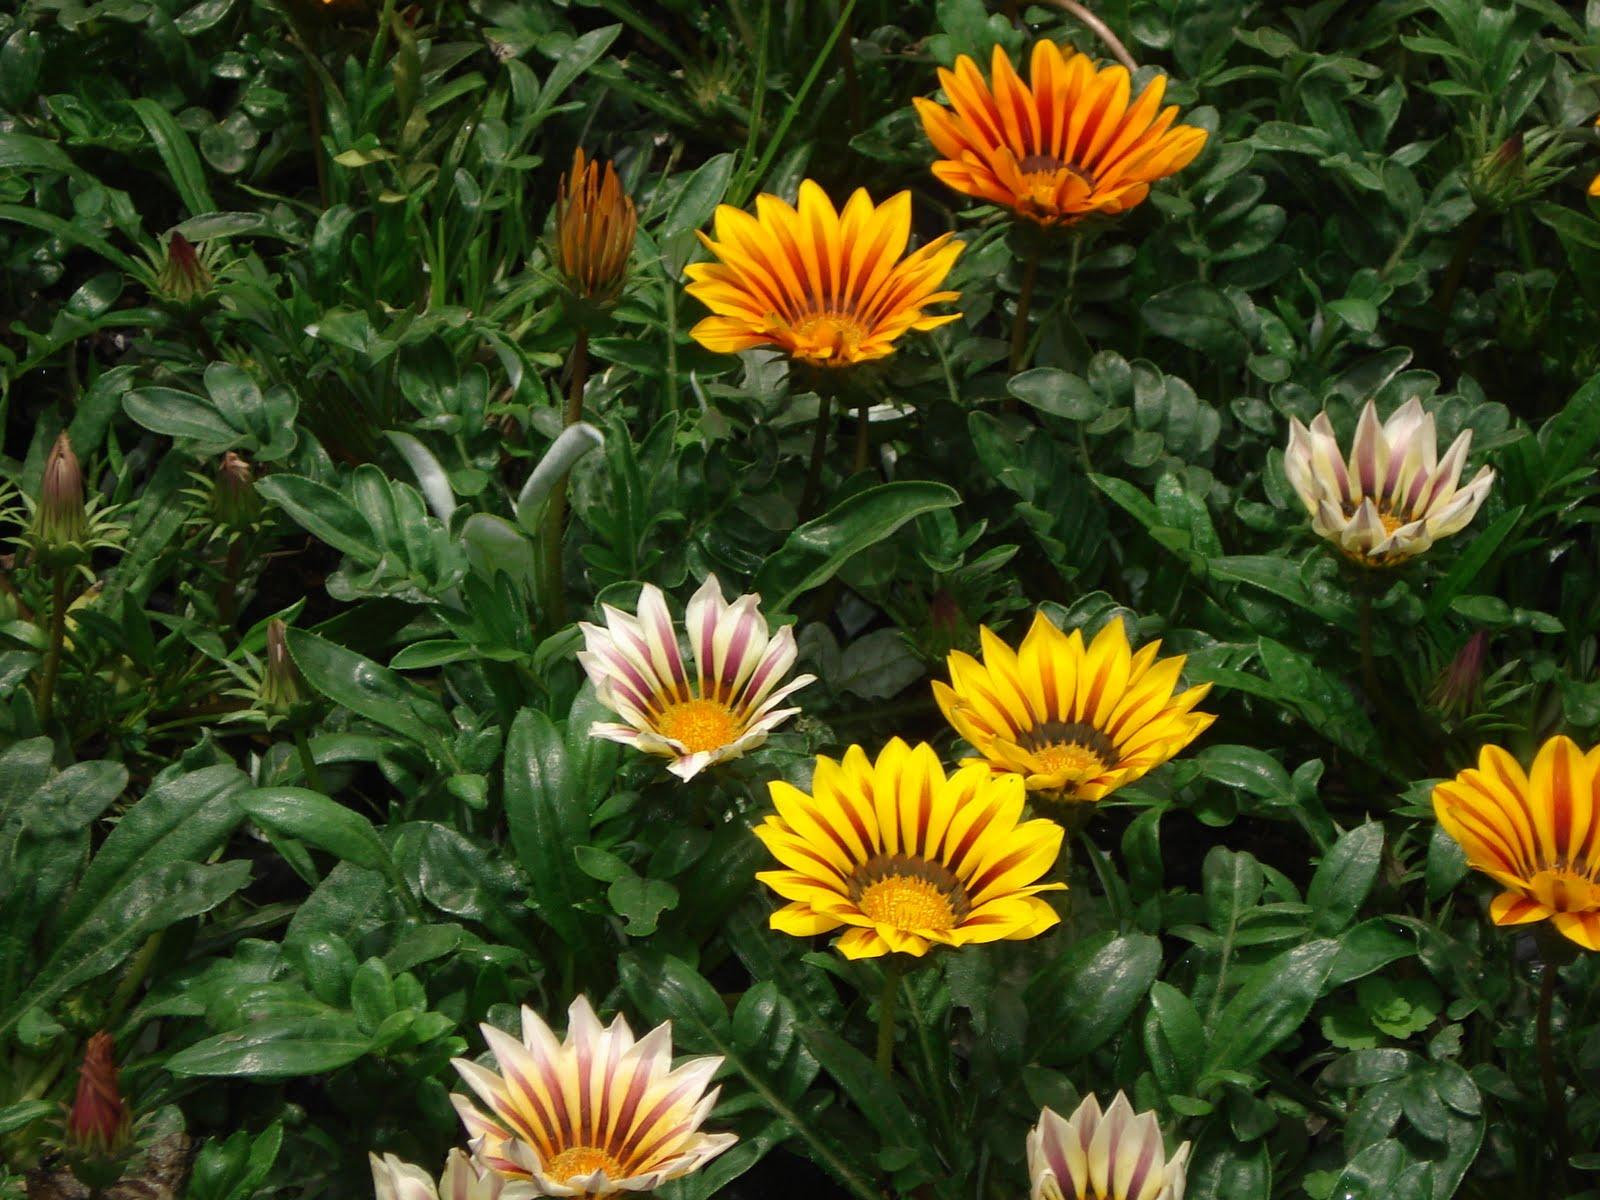 Produplantas plantas para exterior - Plantas de exterior baratas ...